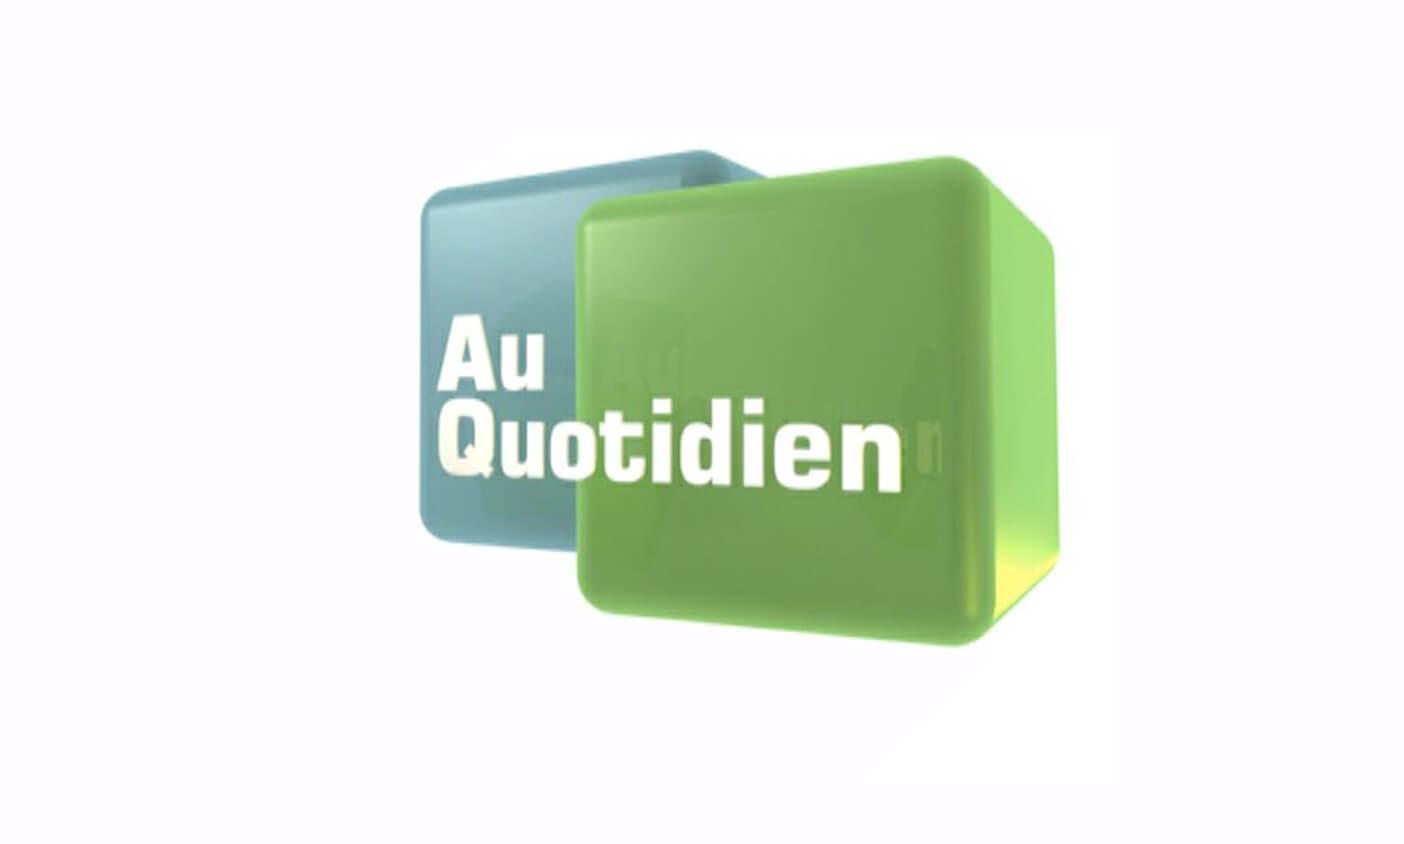 Au Quotidien Features Koen Olthuis – Waterstudio.NL